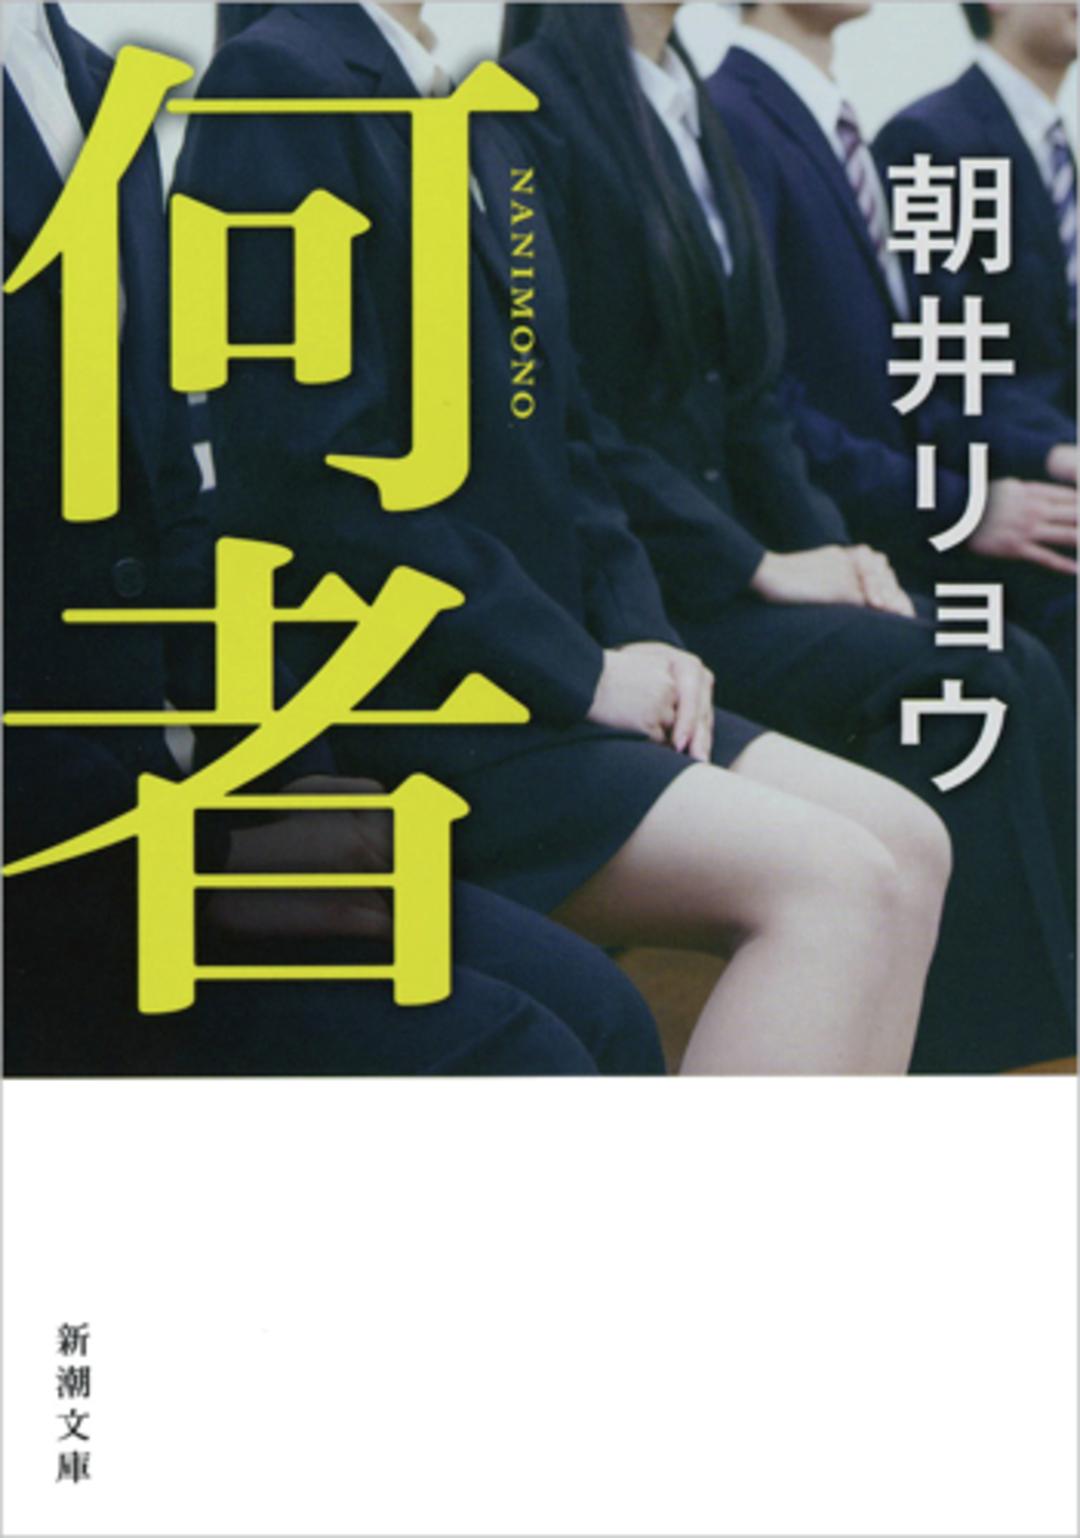 【平成24年下半期】作家さん本人も経験した!?就活小説